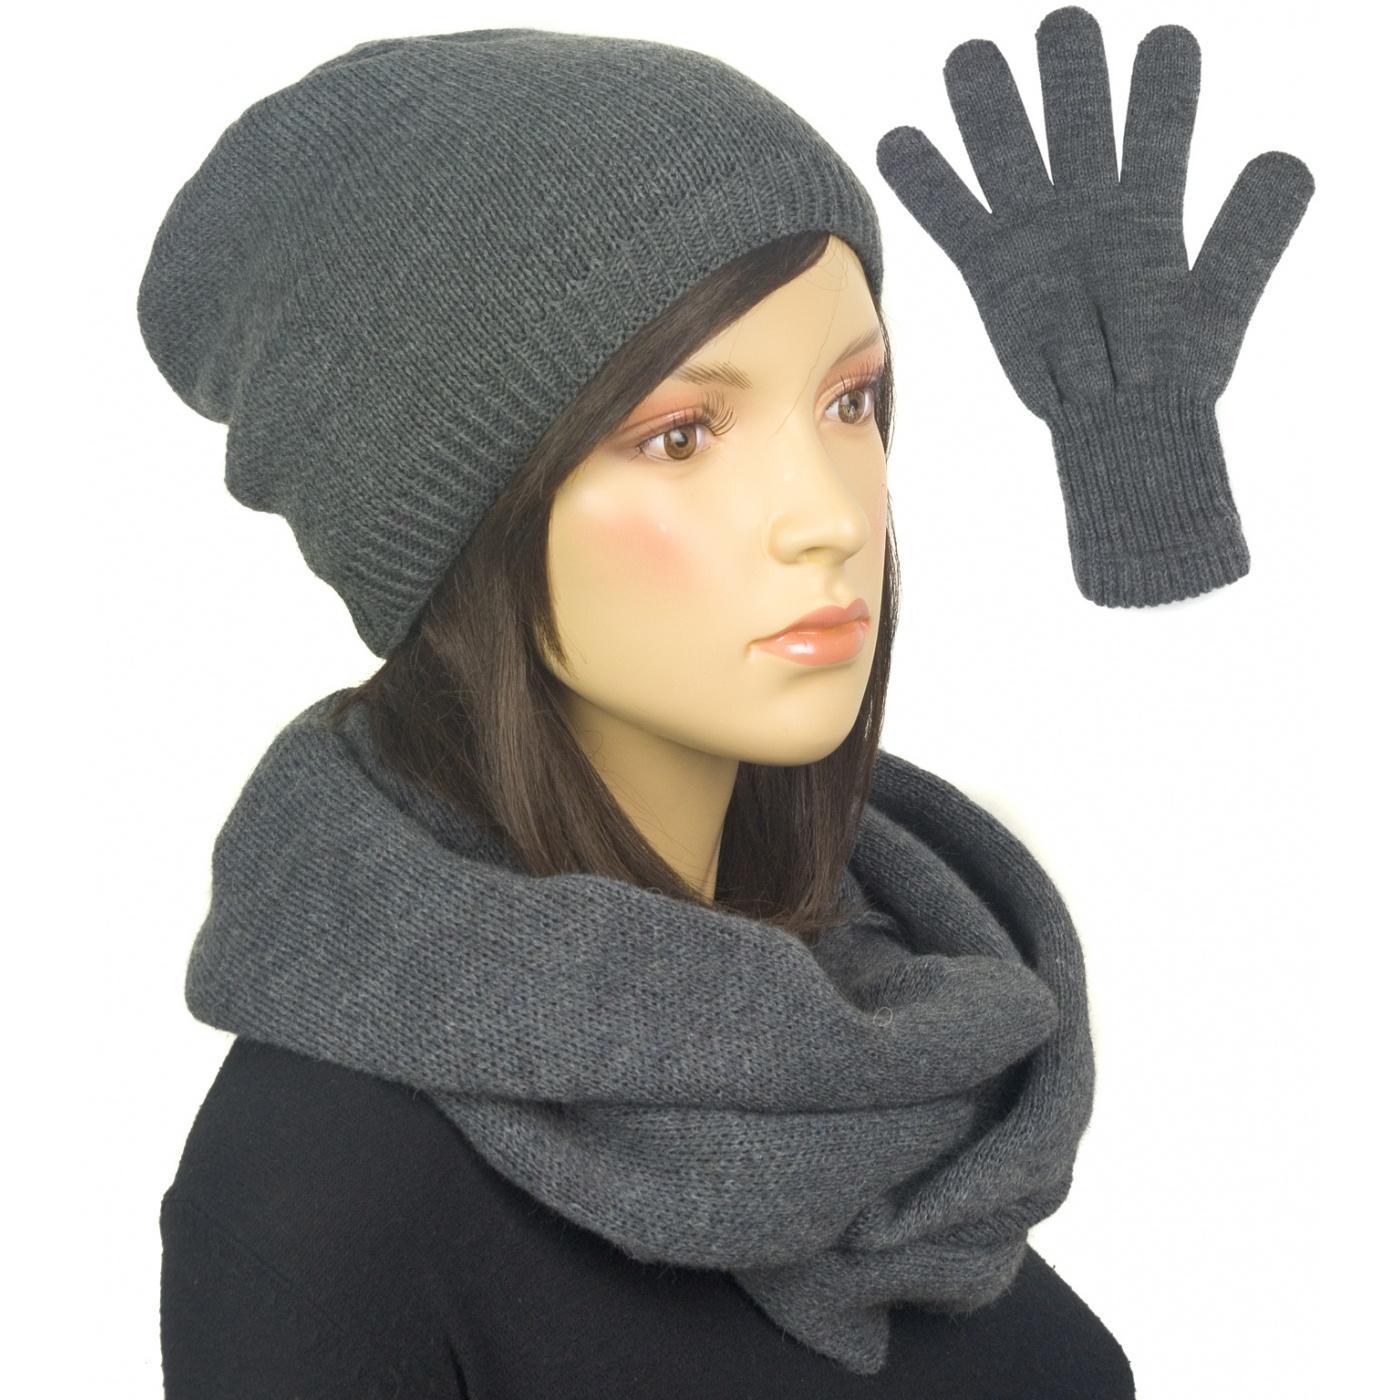 Komplet zimowy damski czapka, komin i rękawiczki - grafitowy